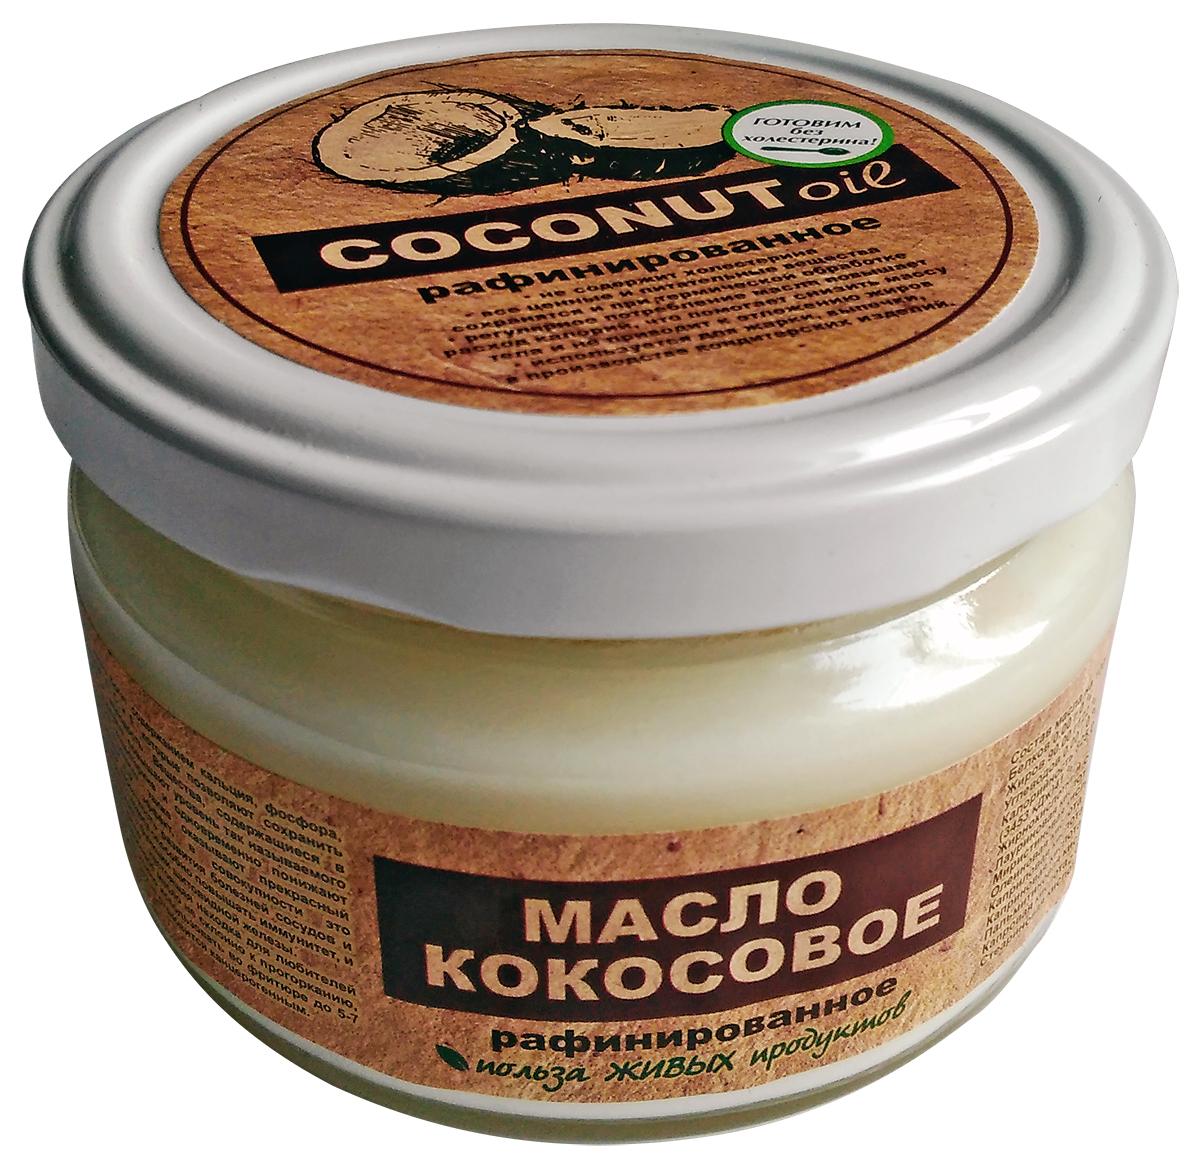 Greenbuffet масло кокосовое рафинированное, 180 г6550713185517Масло кокосовое, рафинированное не содержит холестерина, все ценные питательные вещества сохраняются при термической обработке, идеально подходит для жарки, используется в кондитерском производстве. Повышает расход калорий, что помогает снизить лишний вес.